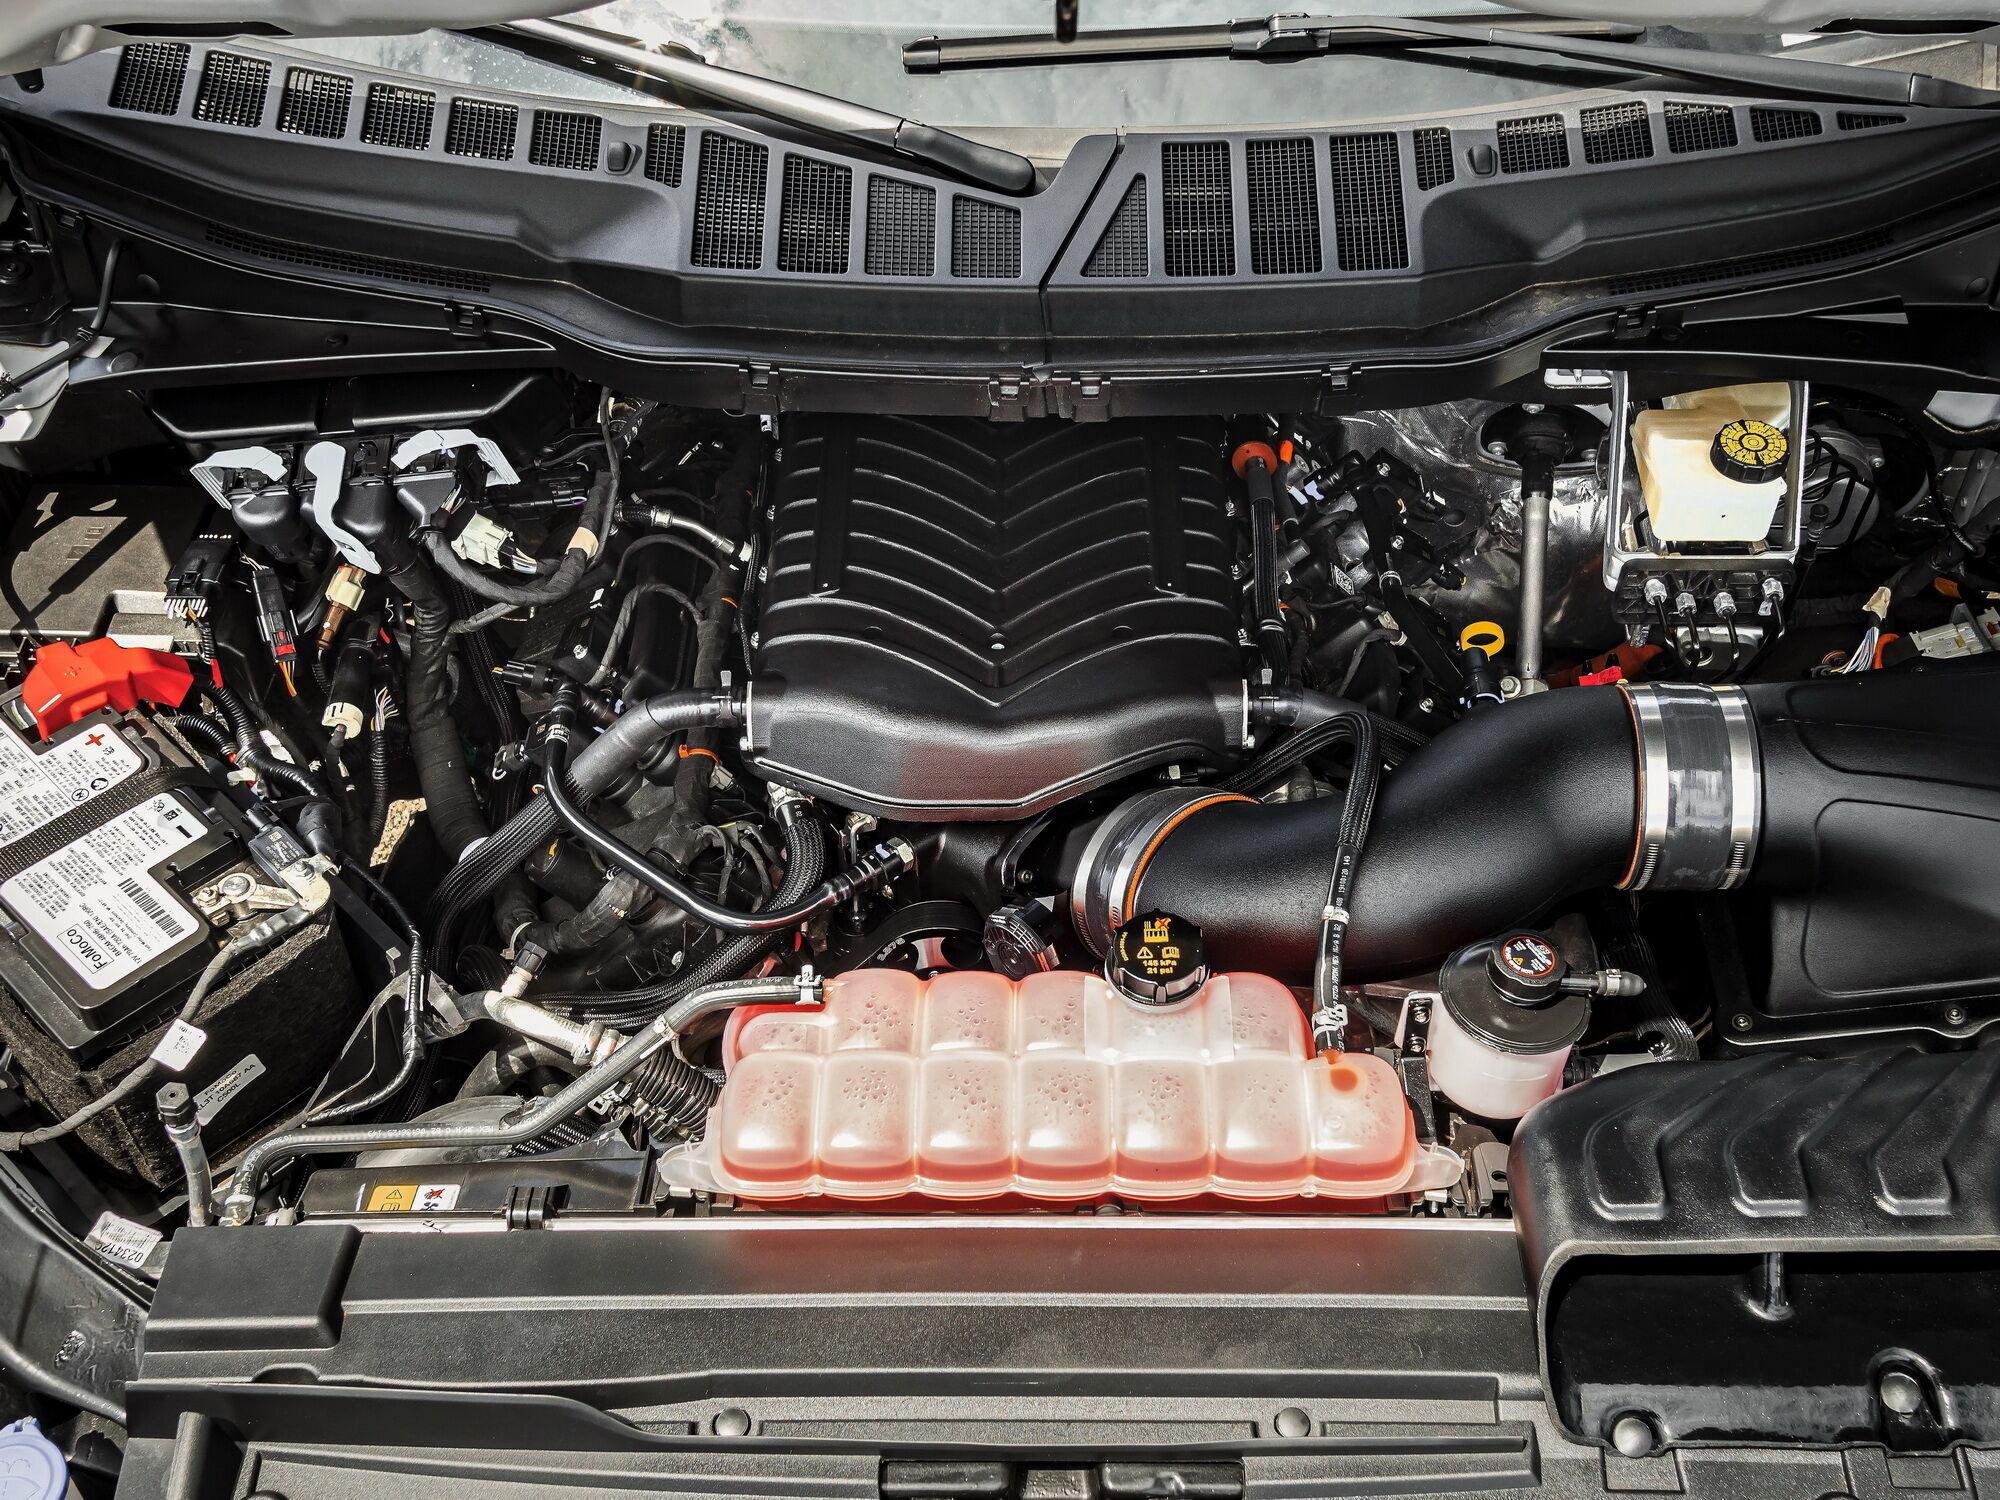 Під капотом новинки розташували 775-сильний мотор V8 об'ємом 5 літрів